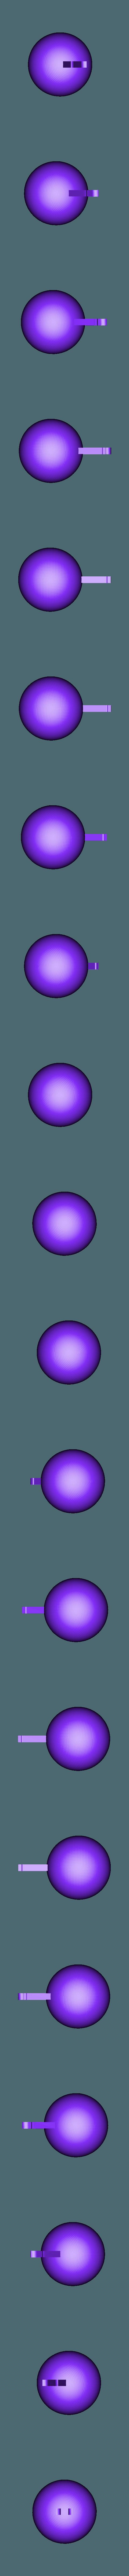 Ce74ce8c b65b 4a43 ab69 2967372fd04a